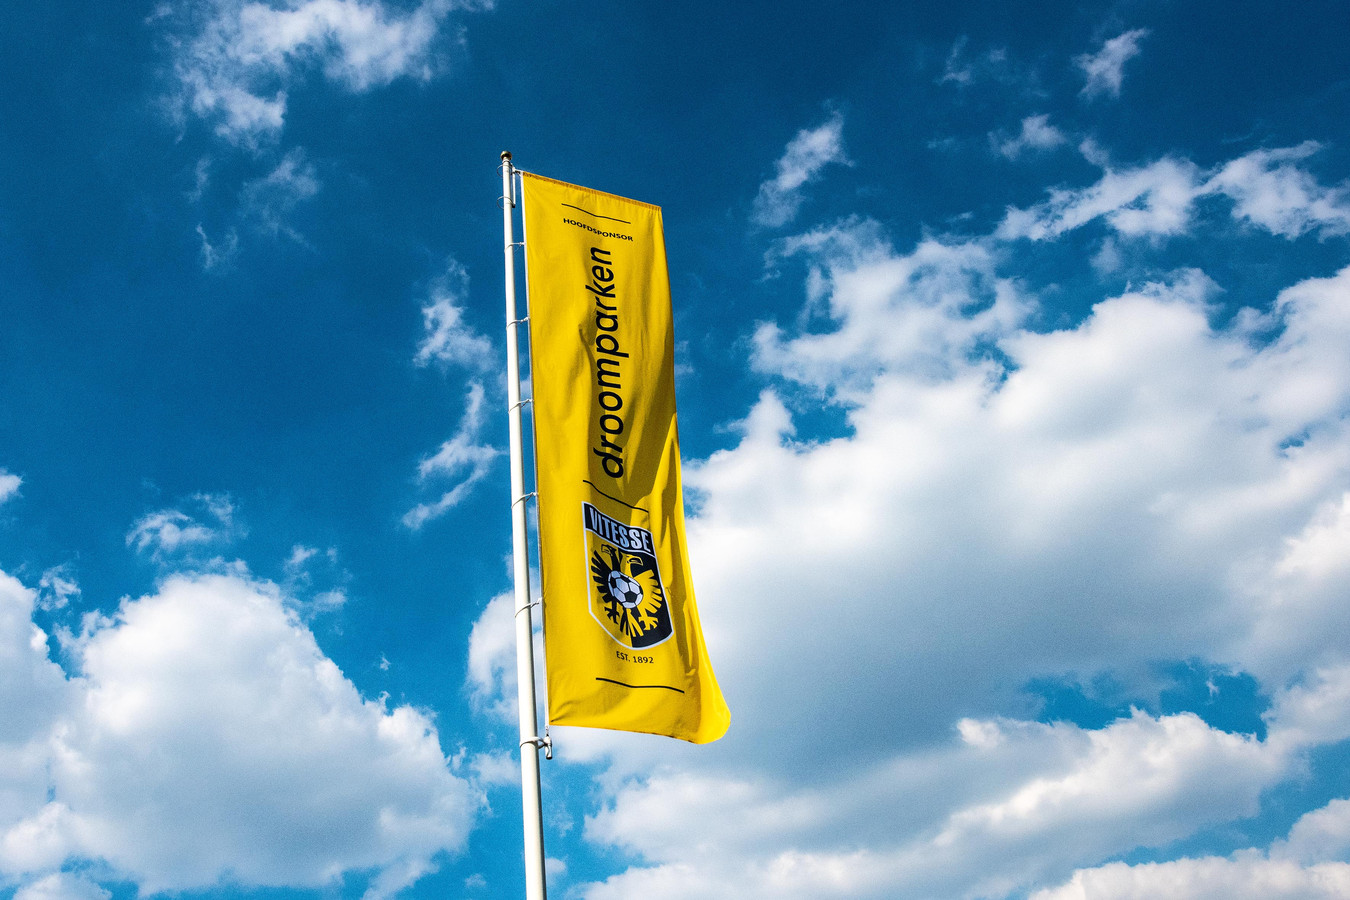 Een vlag van Droomparken en Vitesse bij stadion GelreDome in Arnhem.